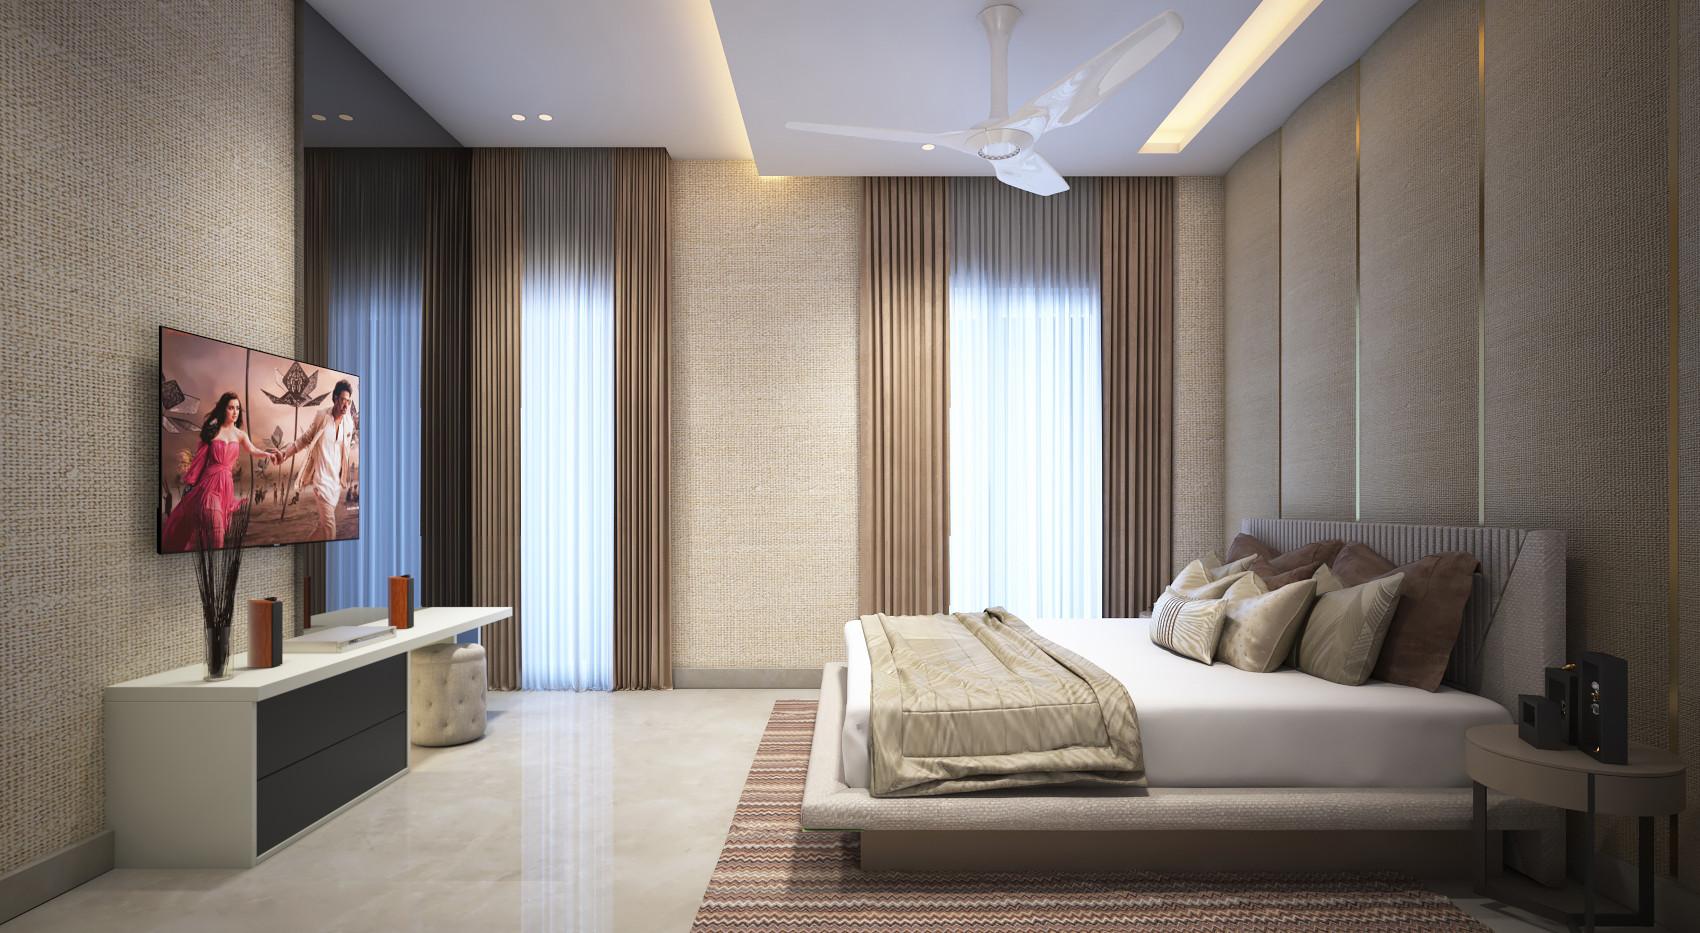 Guest Bedroom cam02.jpg